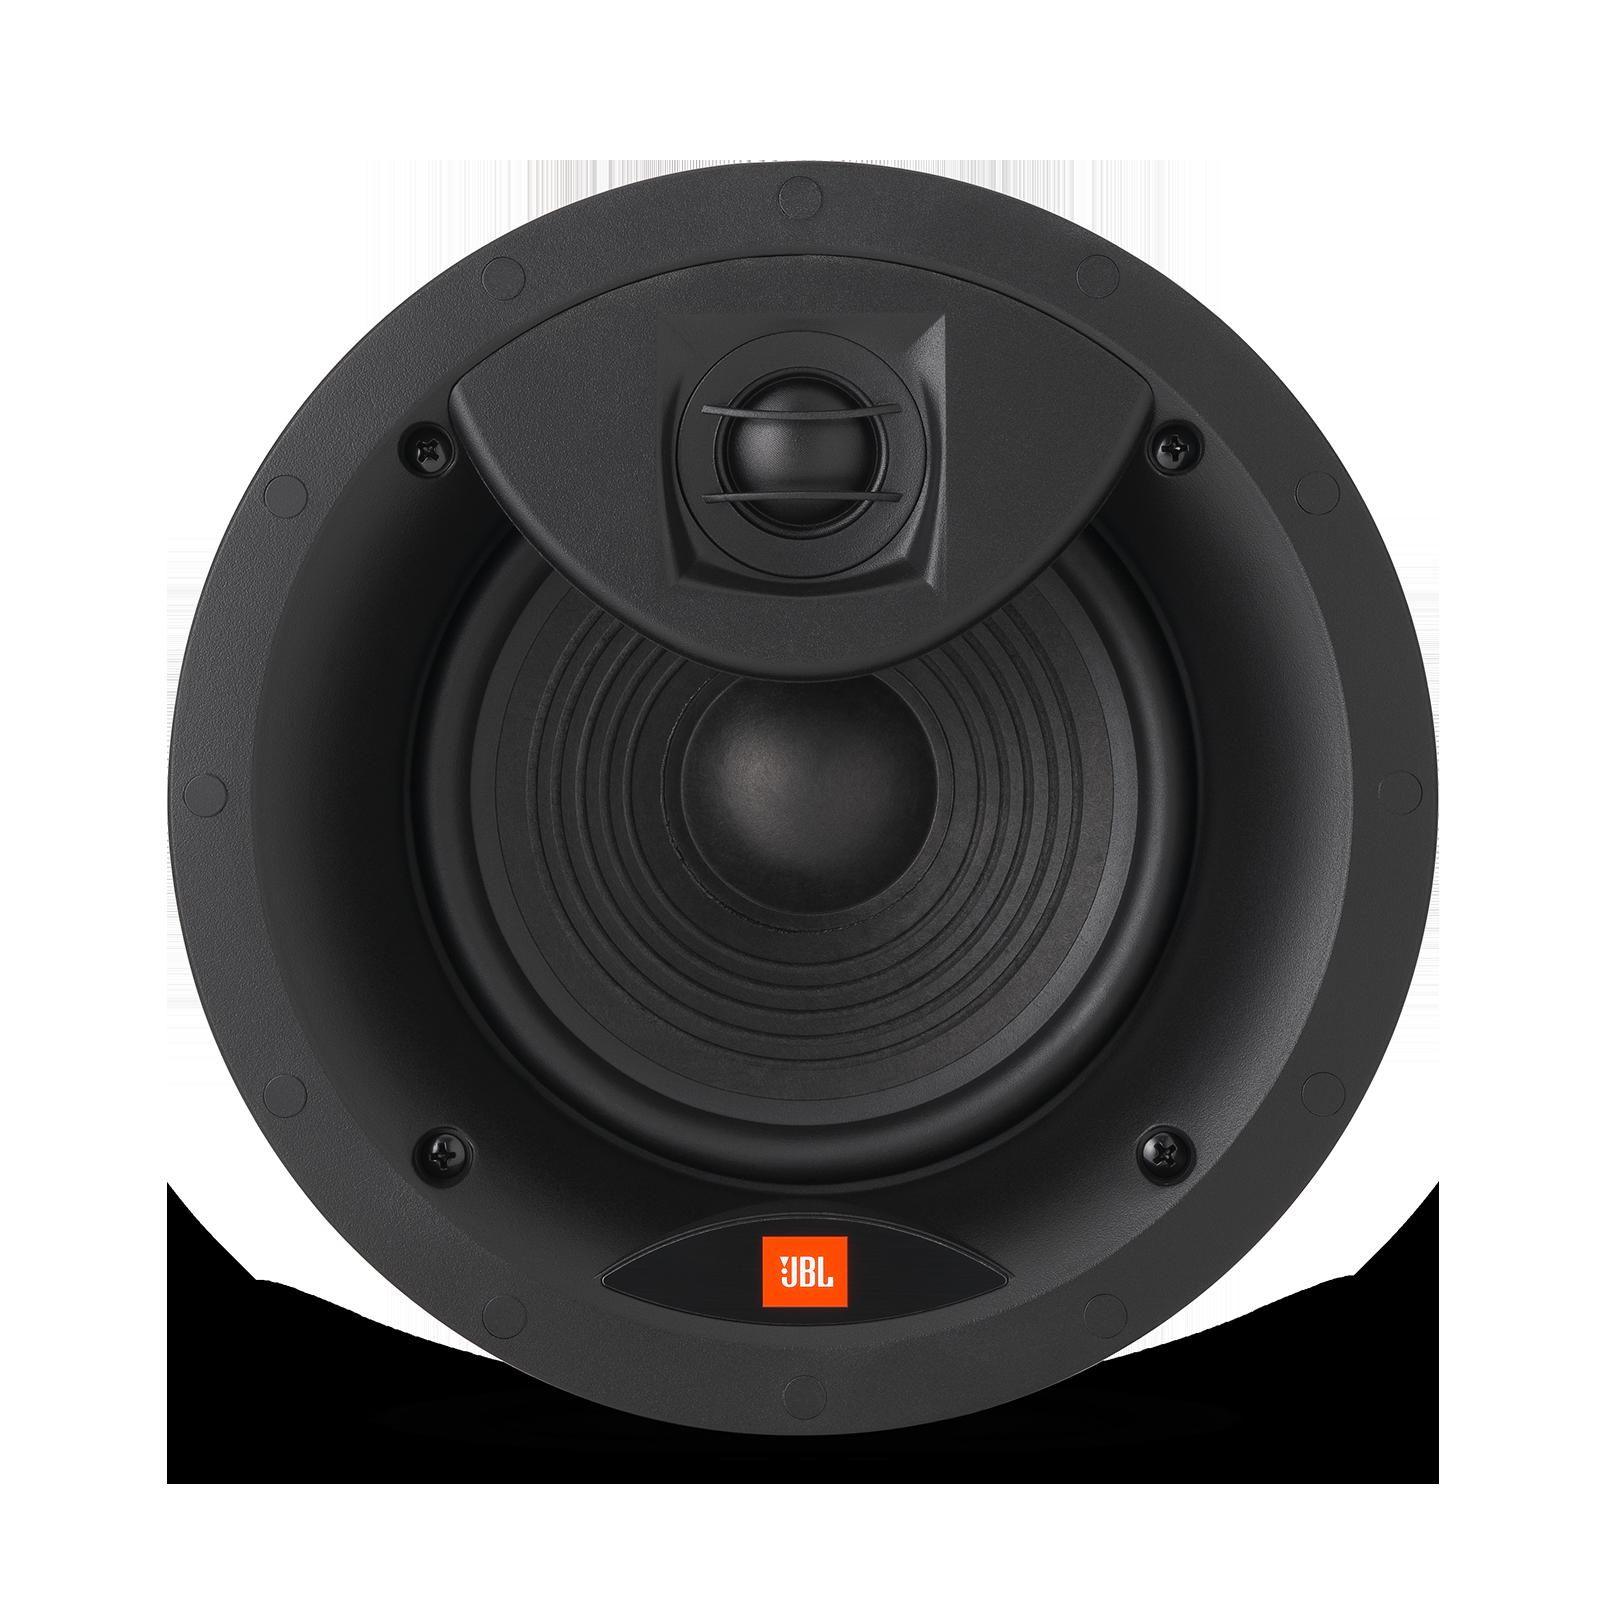 c nbsp product reg arena two speakers in way speaker ceiling jbl